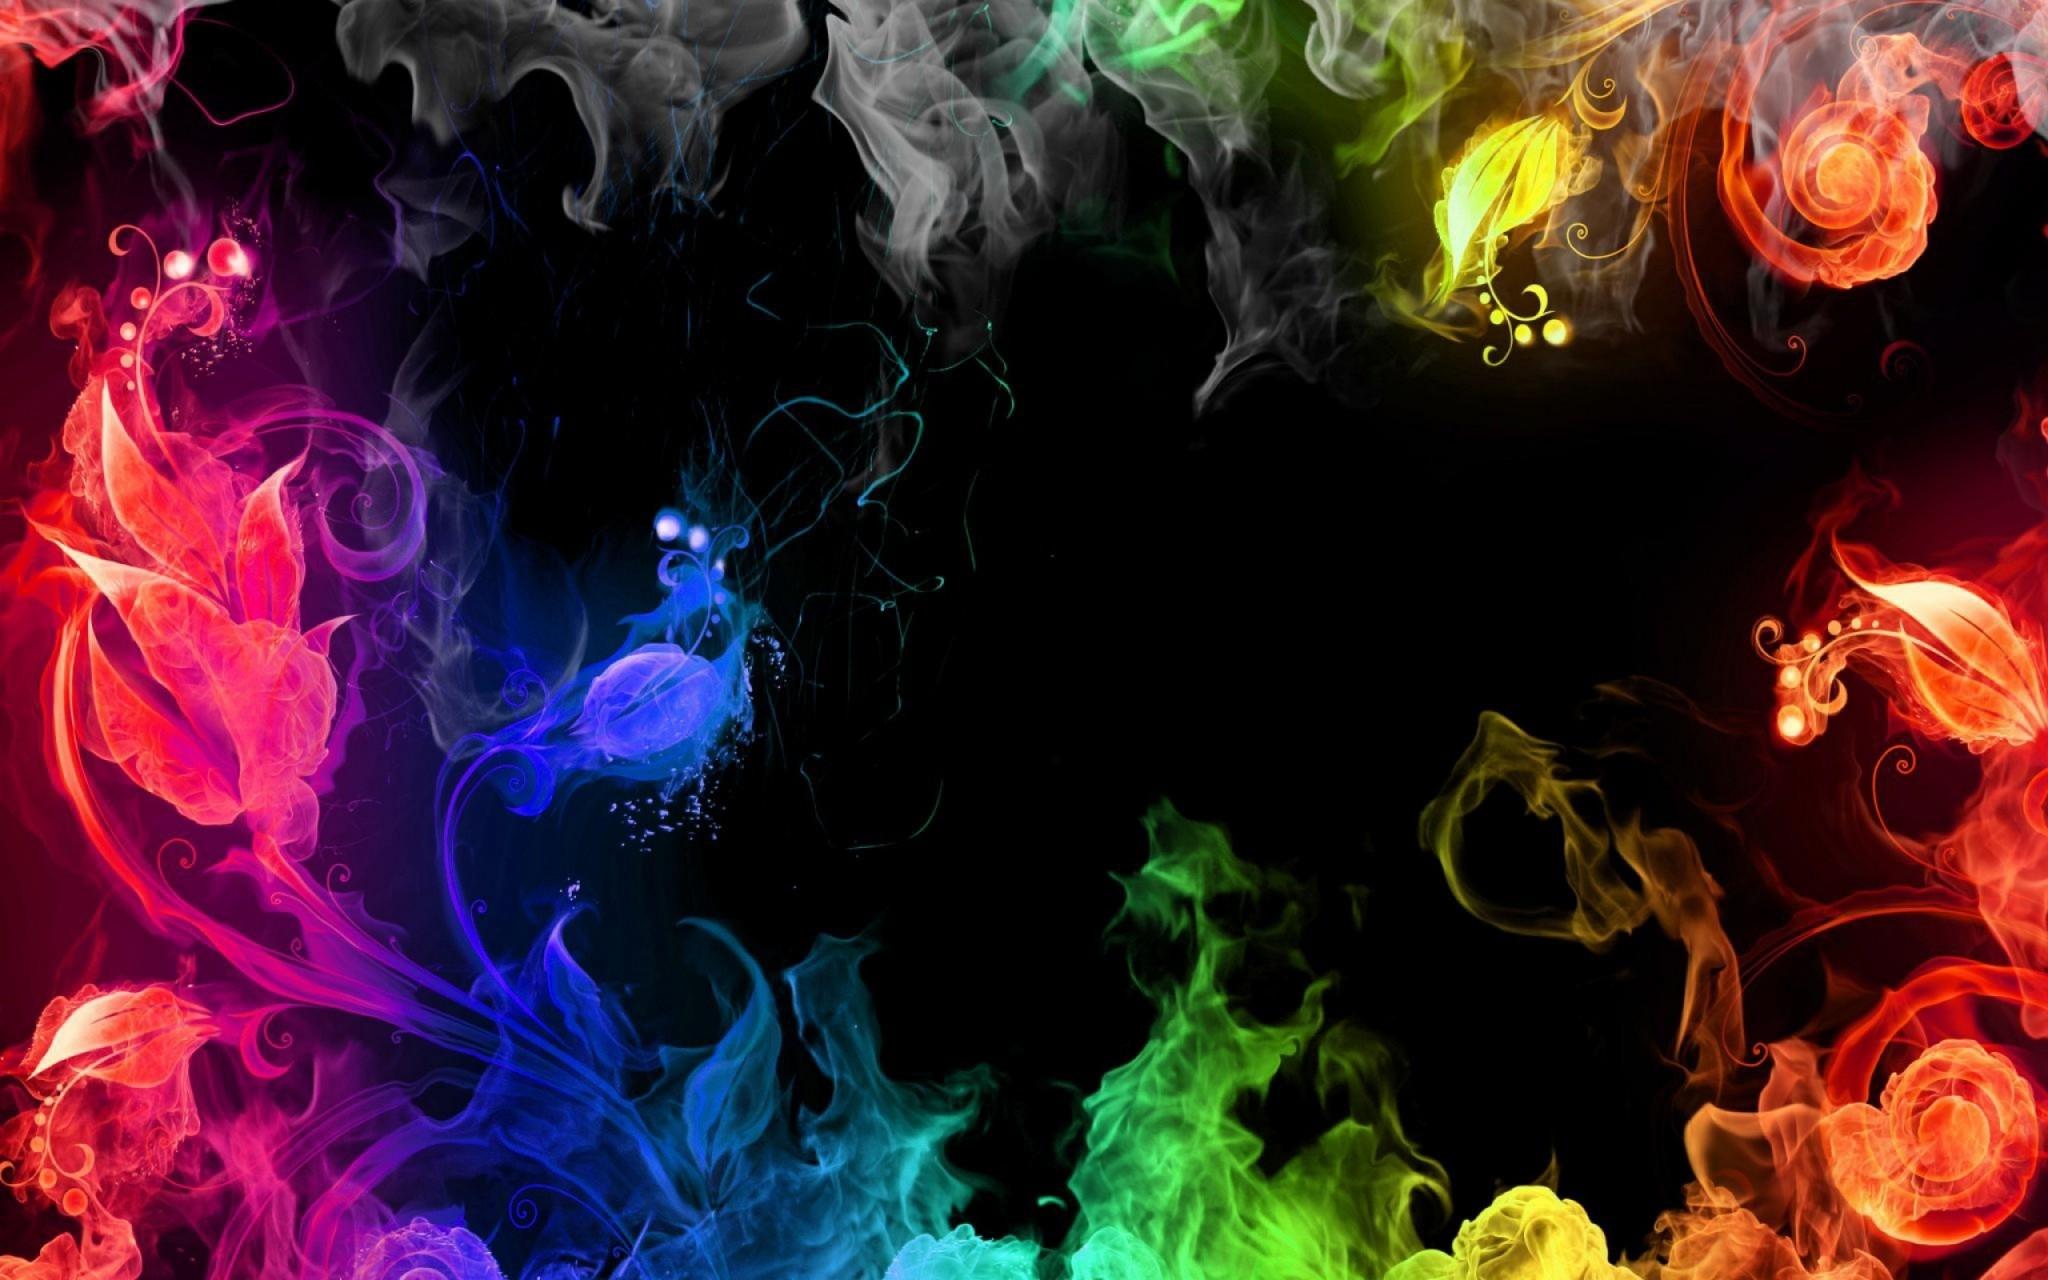 smoke hd widescreen wallpapers backgrounds